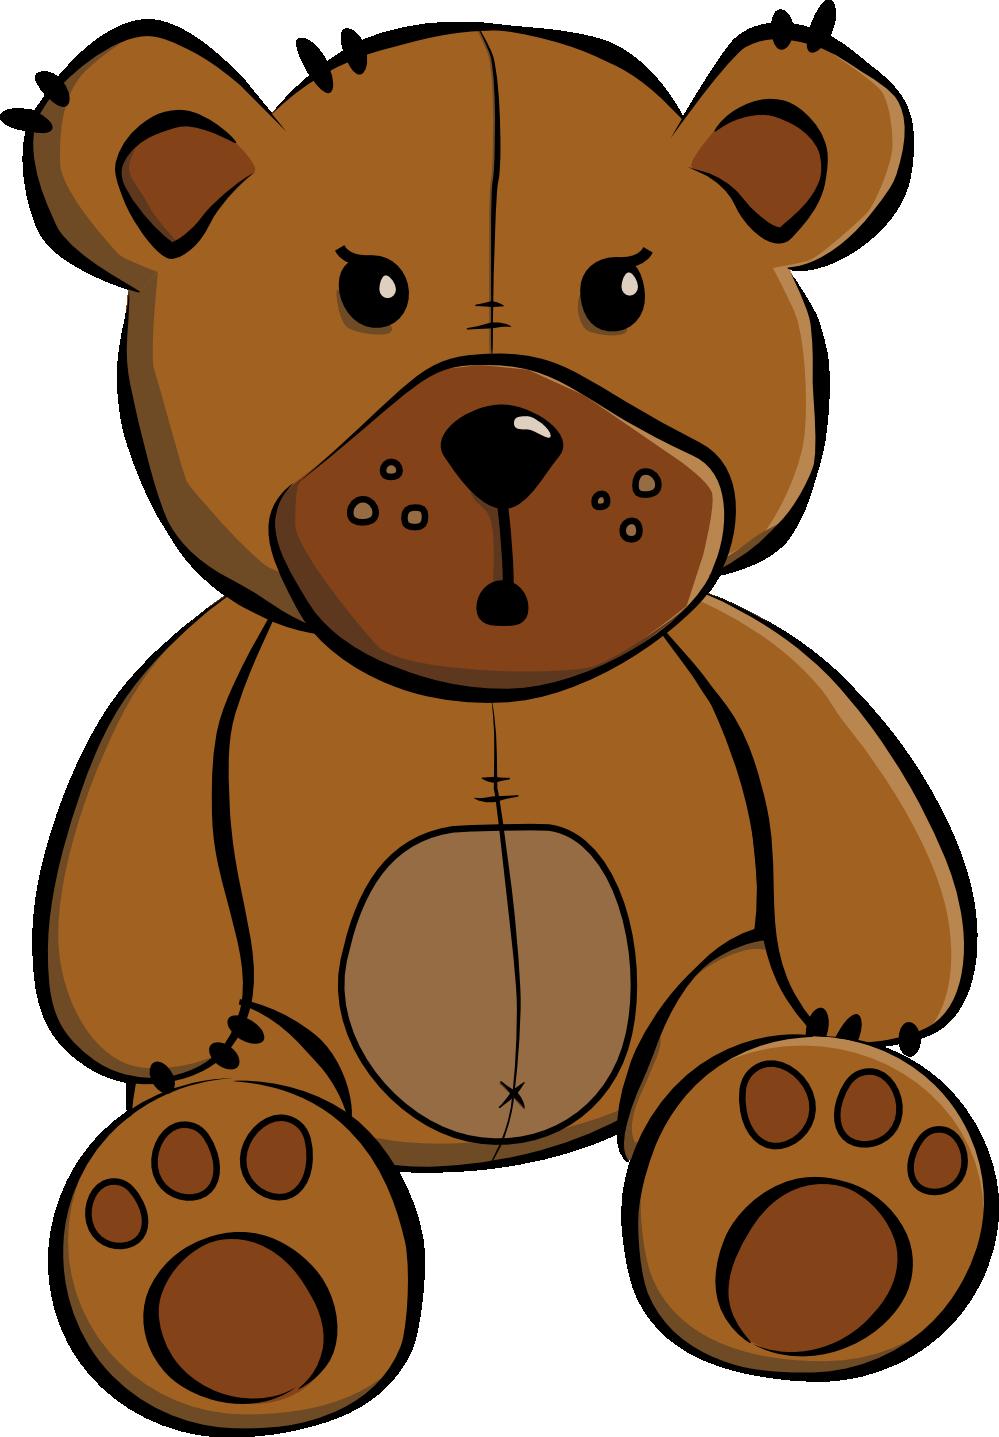 999x1437 Clipart Of Teddy Bears